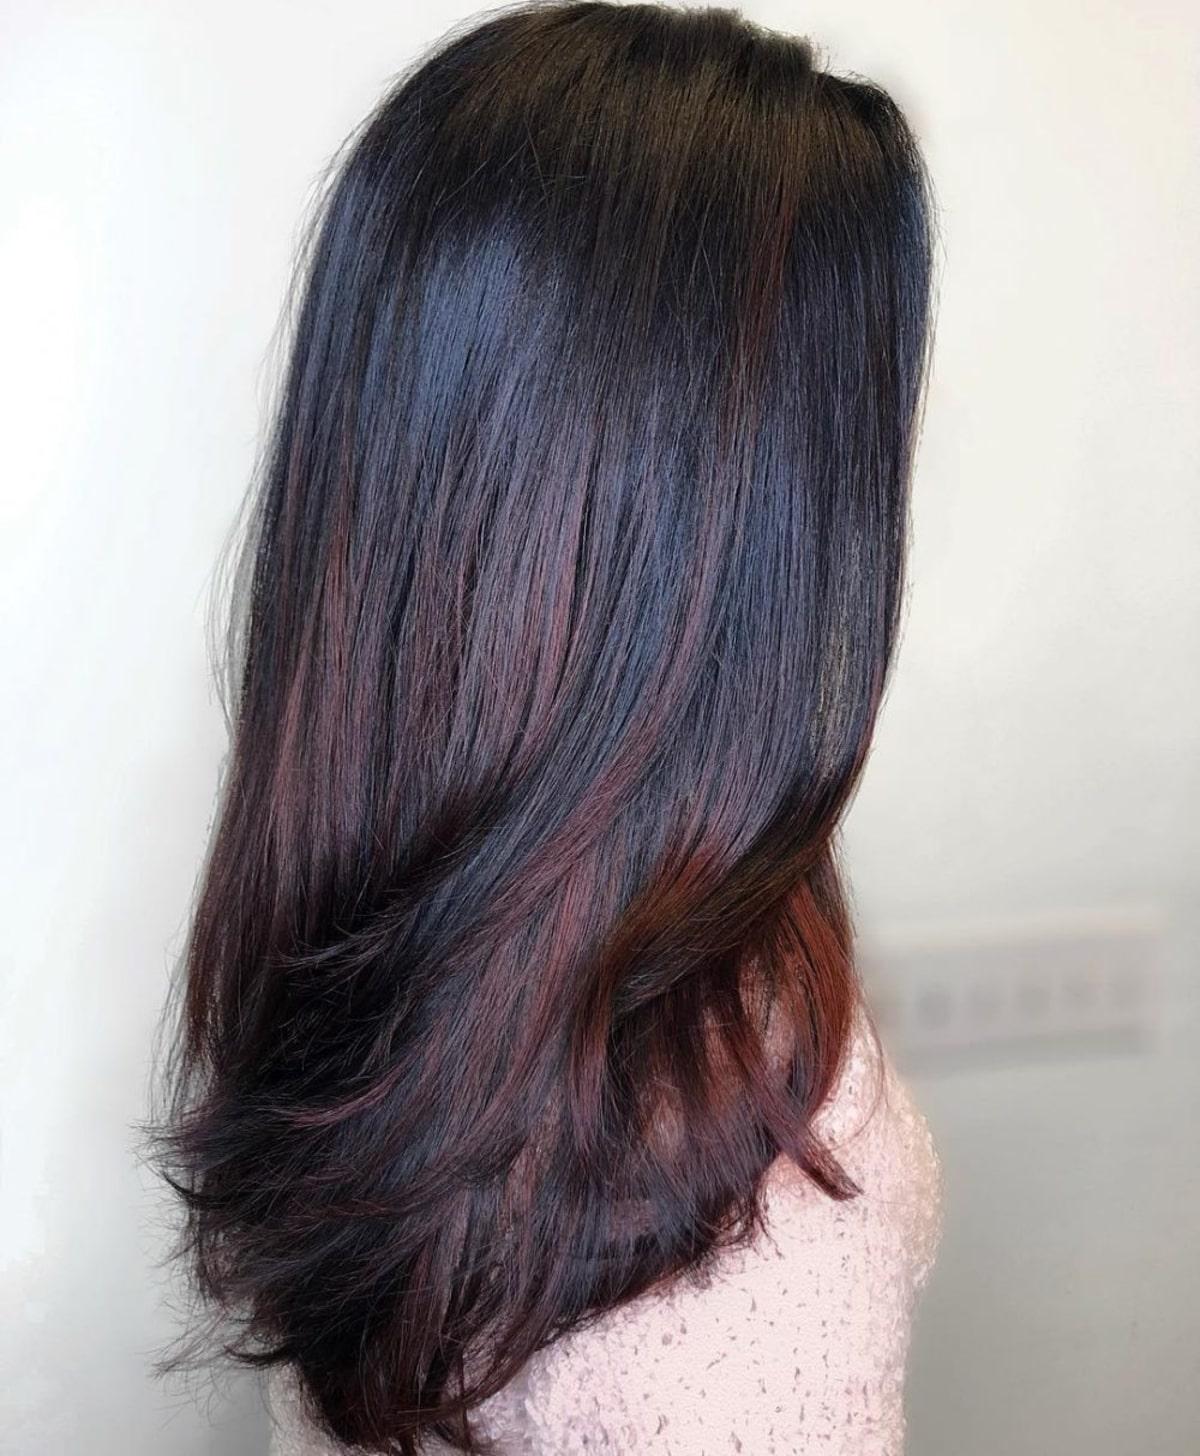 mèches brun acajou sur cheveux longs noirs